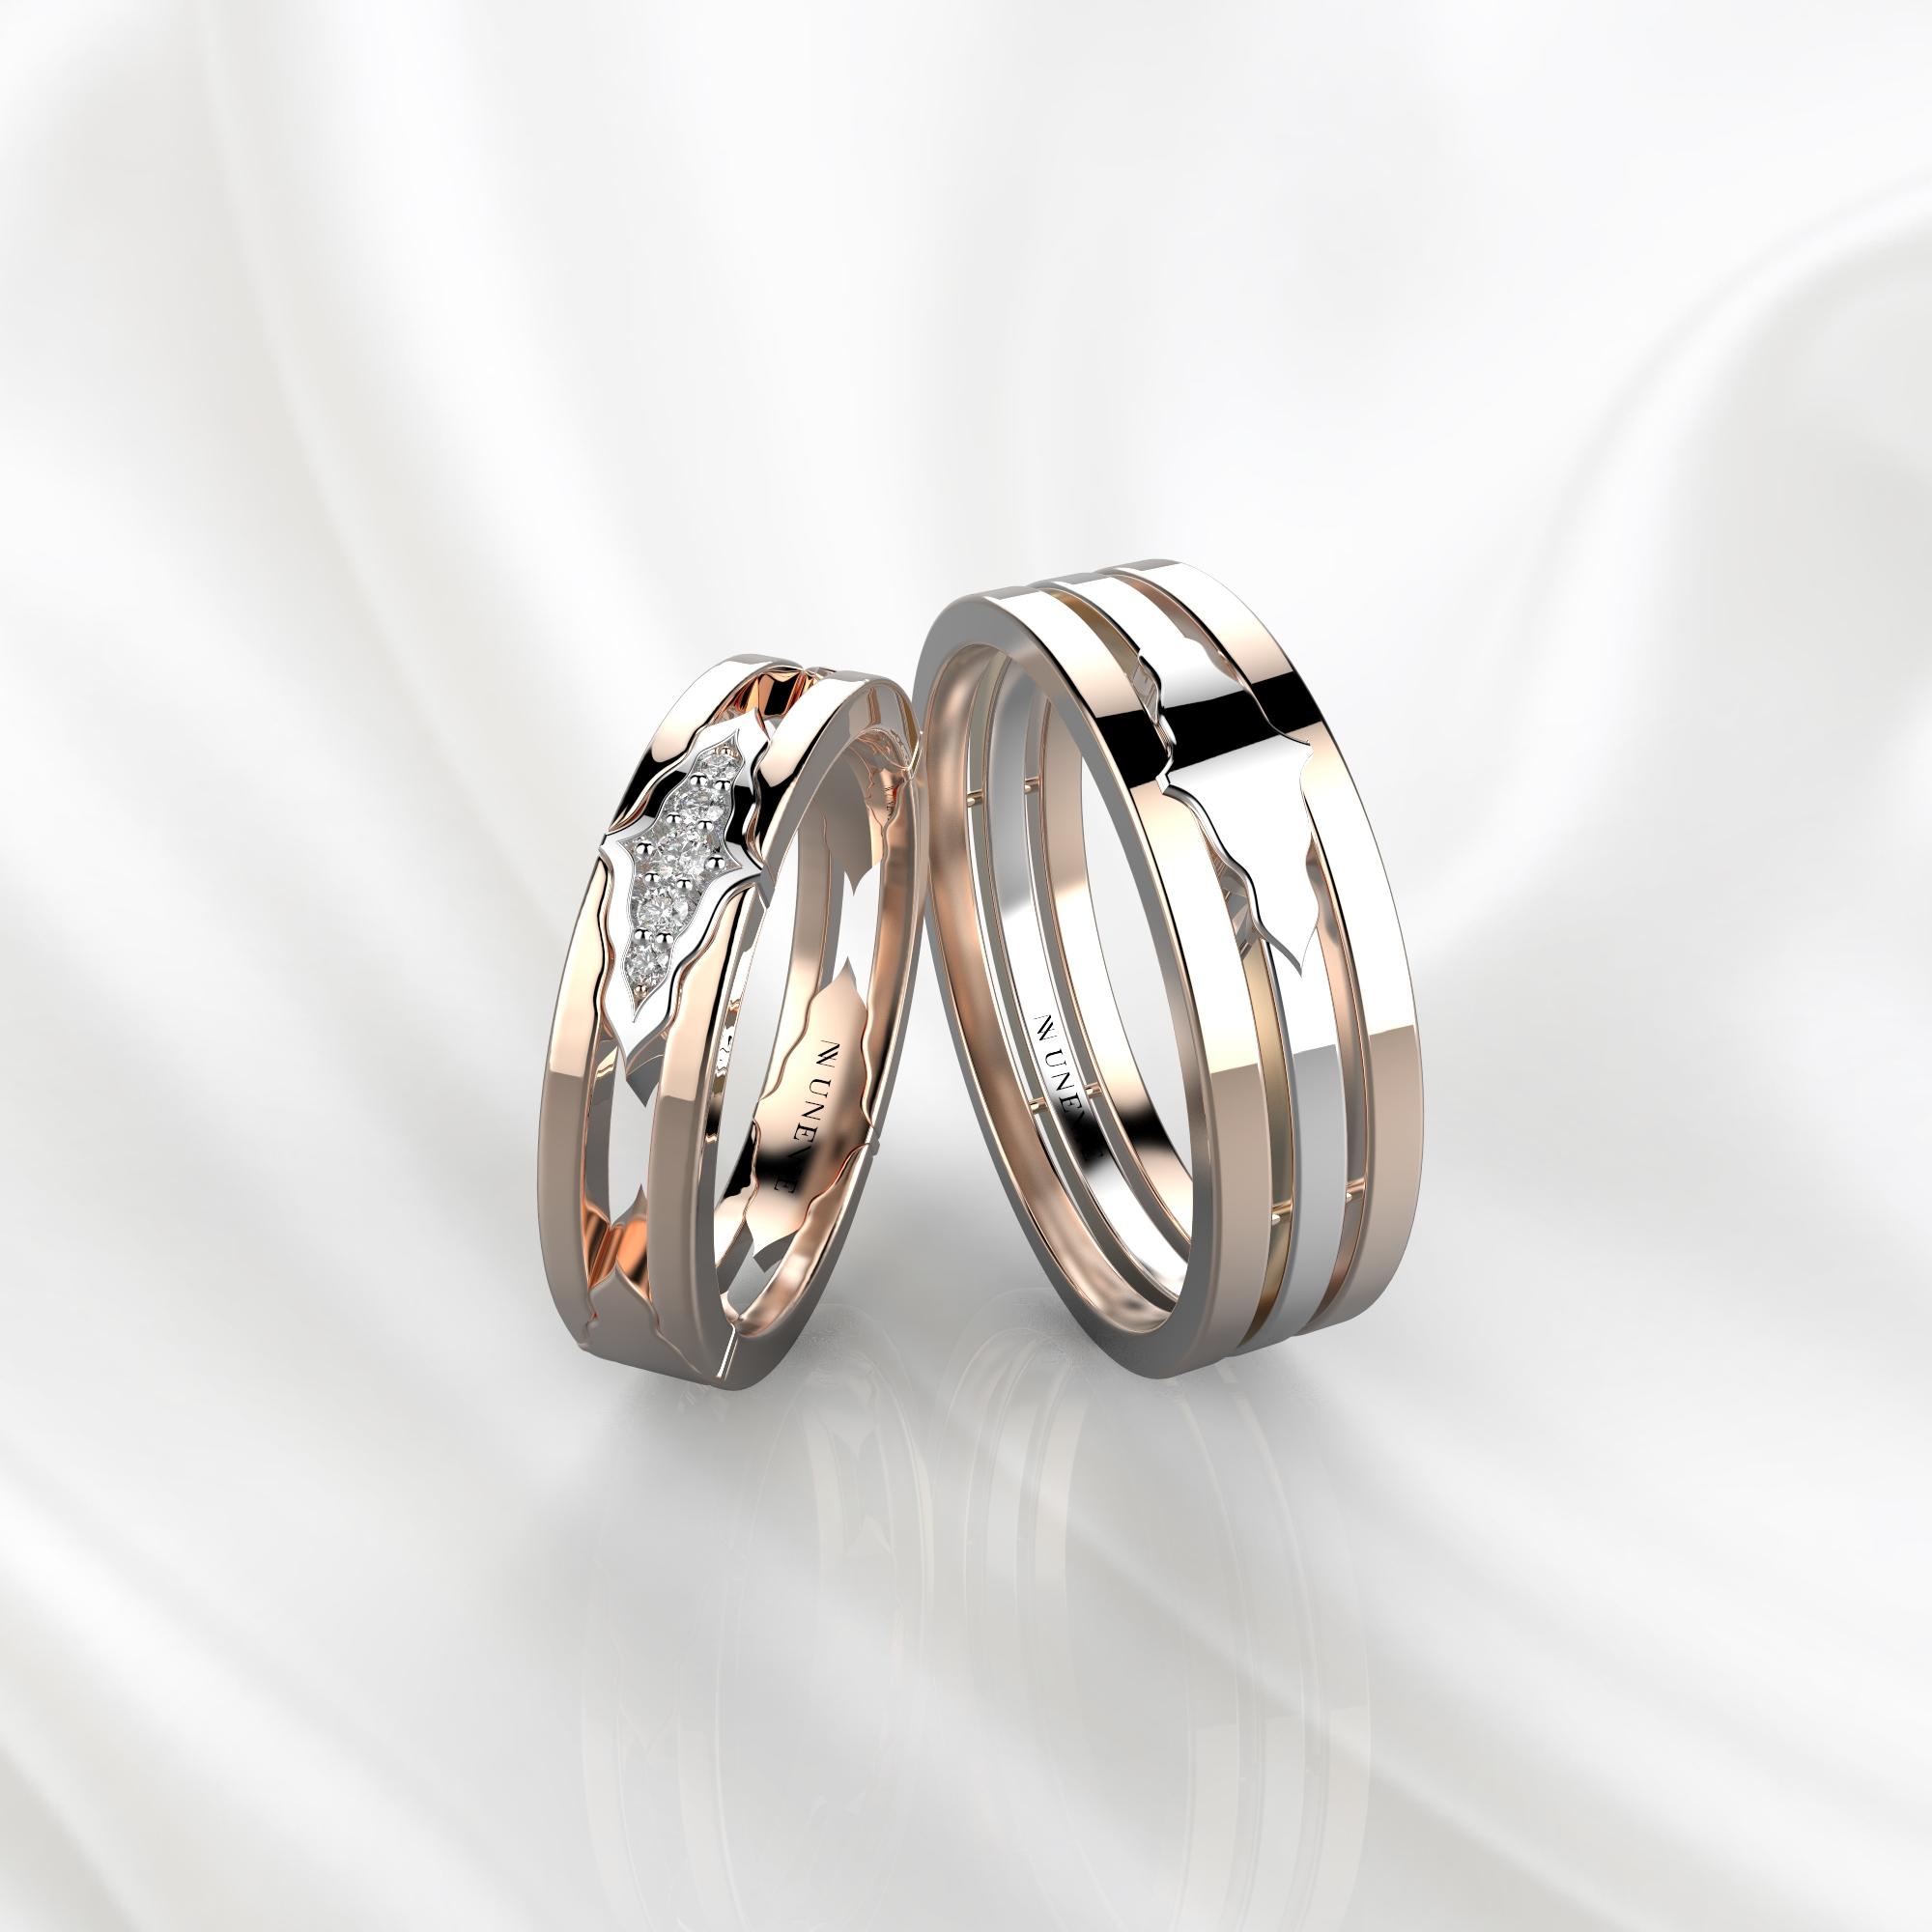 Парные обручальные кольца из желто-розового золота с 5 бриллиантами